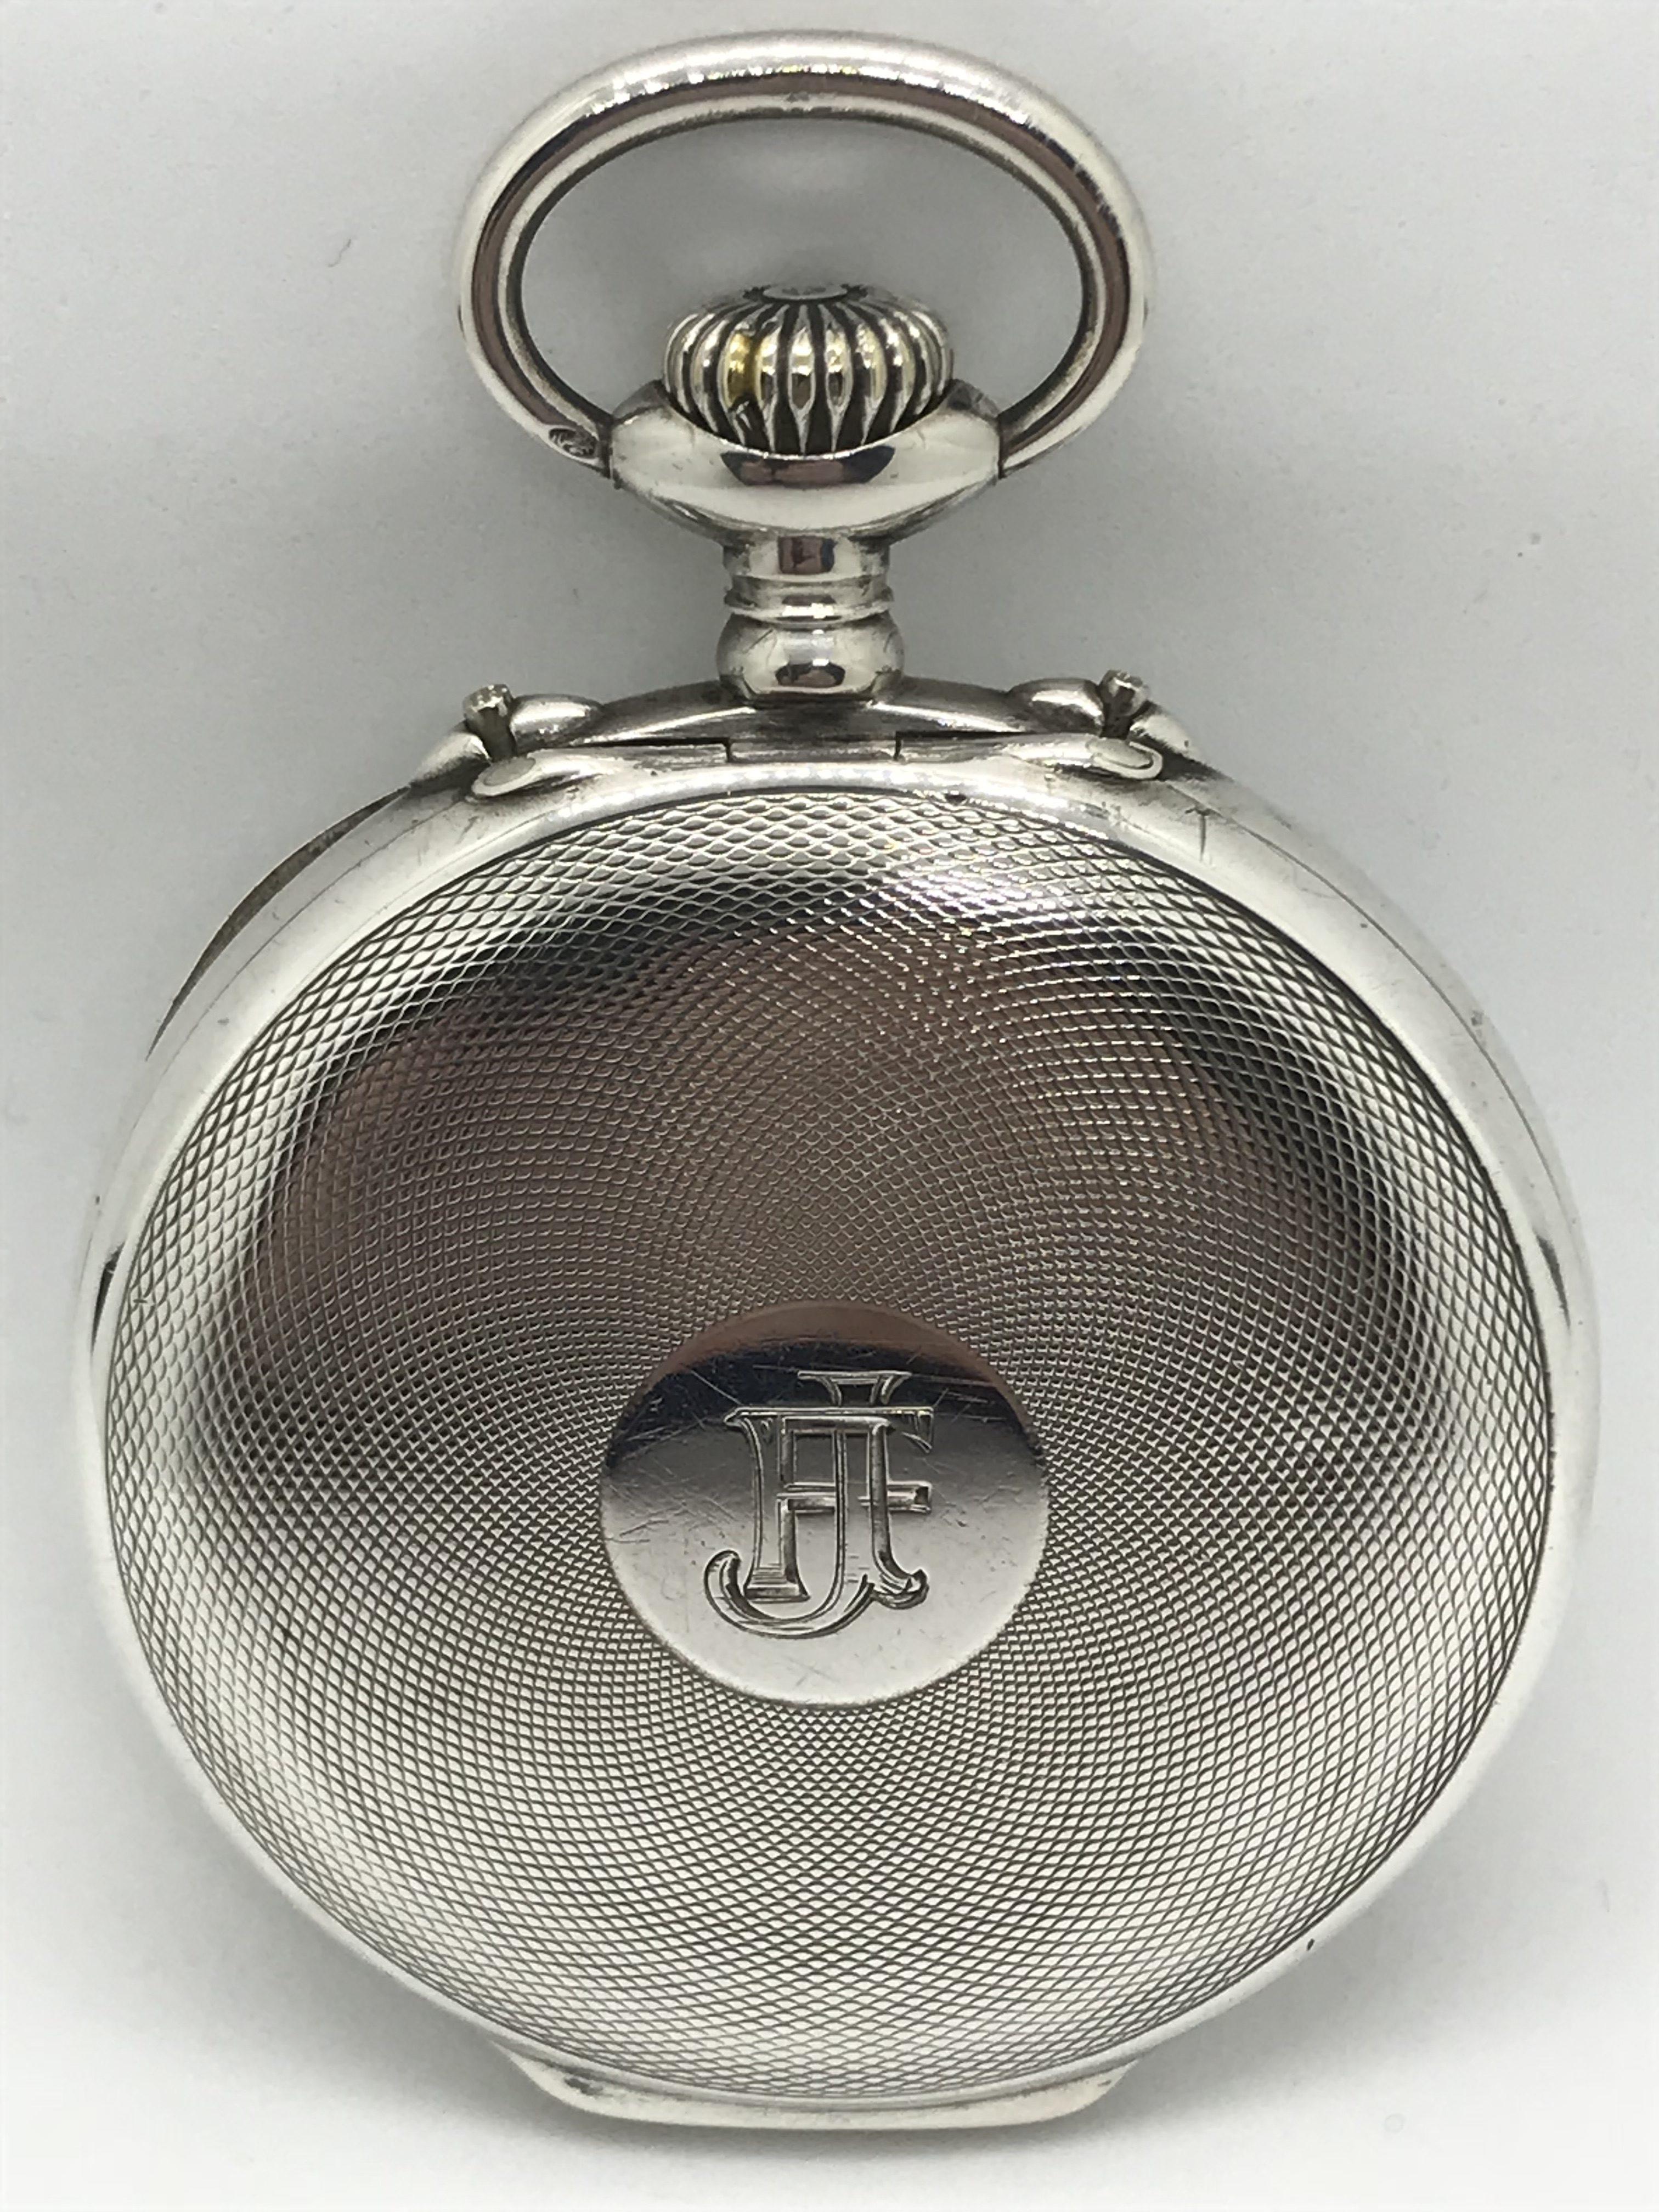 Domů Kapesní hodinky Starožitné 2 plášťové stříbrné hodinky Zenith s budíkem.  Previous f55fbc7fb6